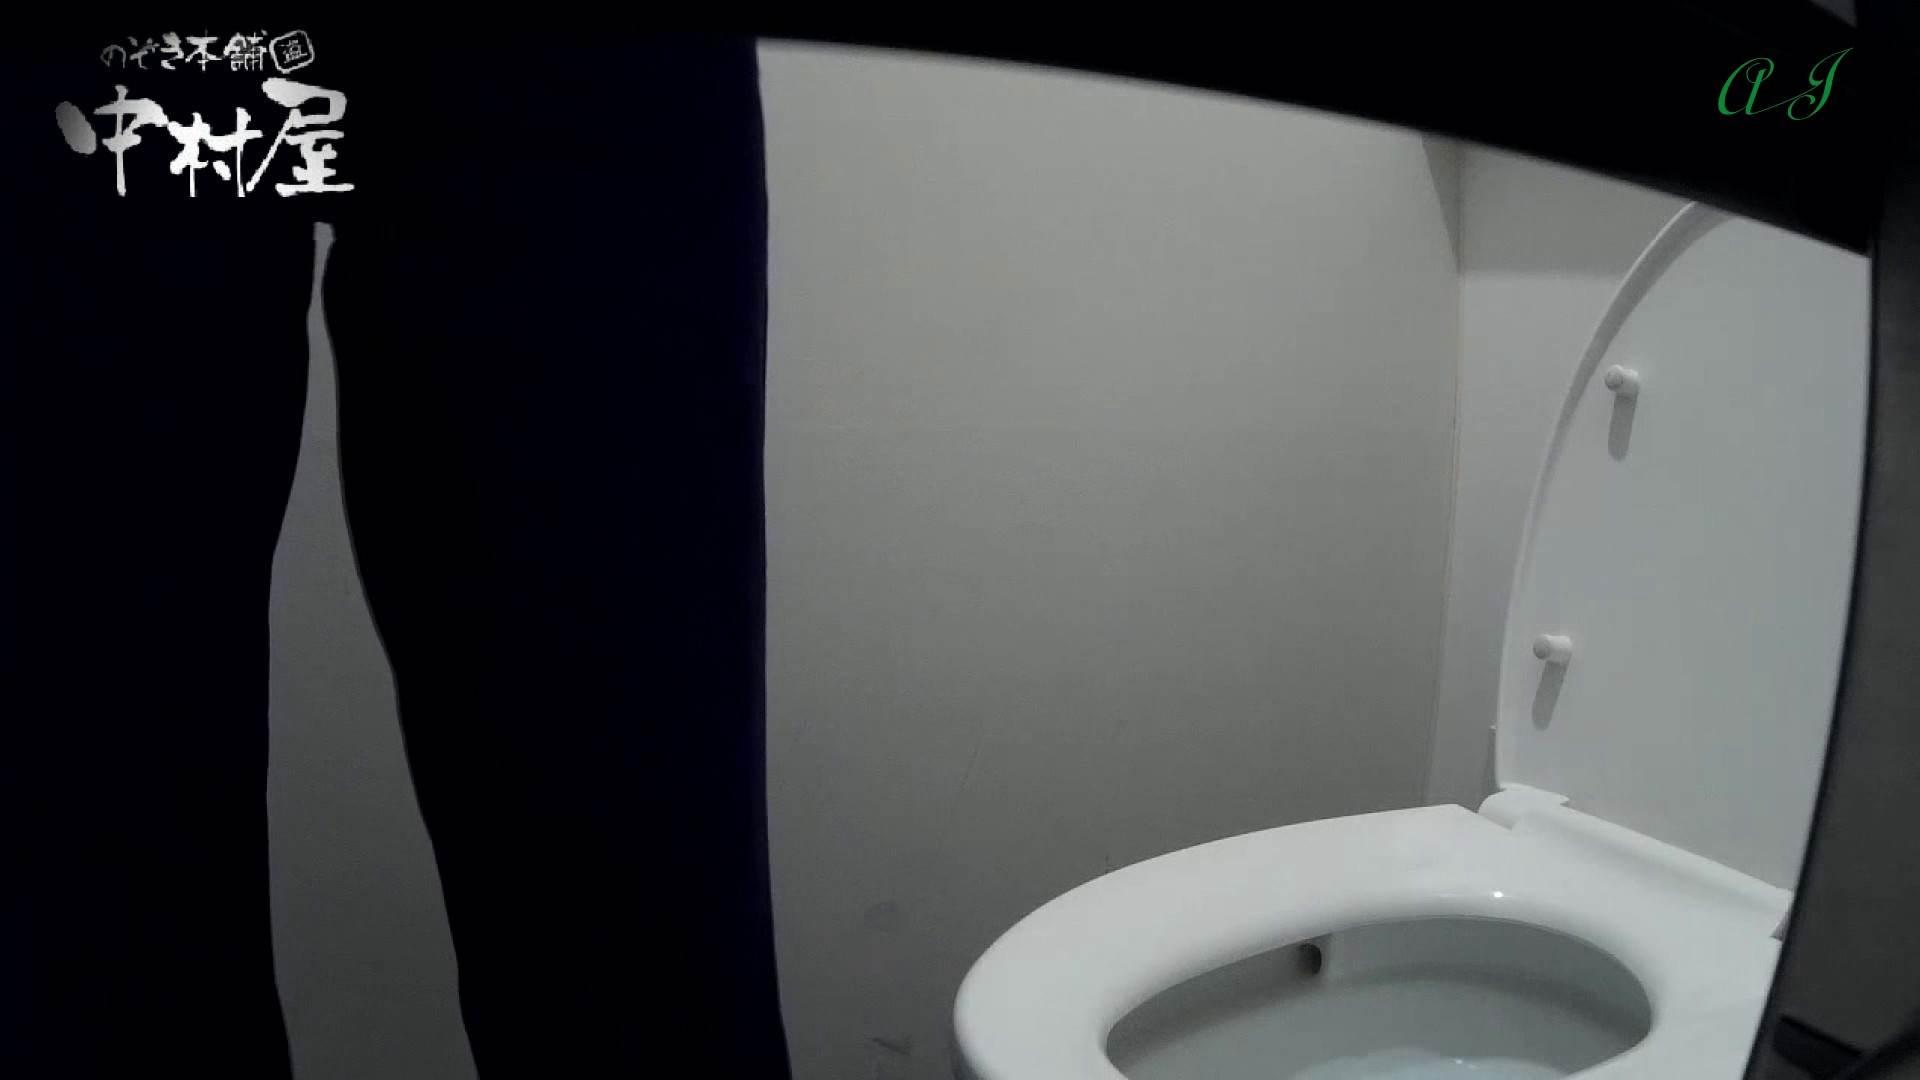 有名大学女性洗面所 vol.63 新入生の季節です。設置も変えてみました。 和式 隠し撮りオマンコ動画紹介 93連発 79